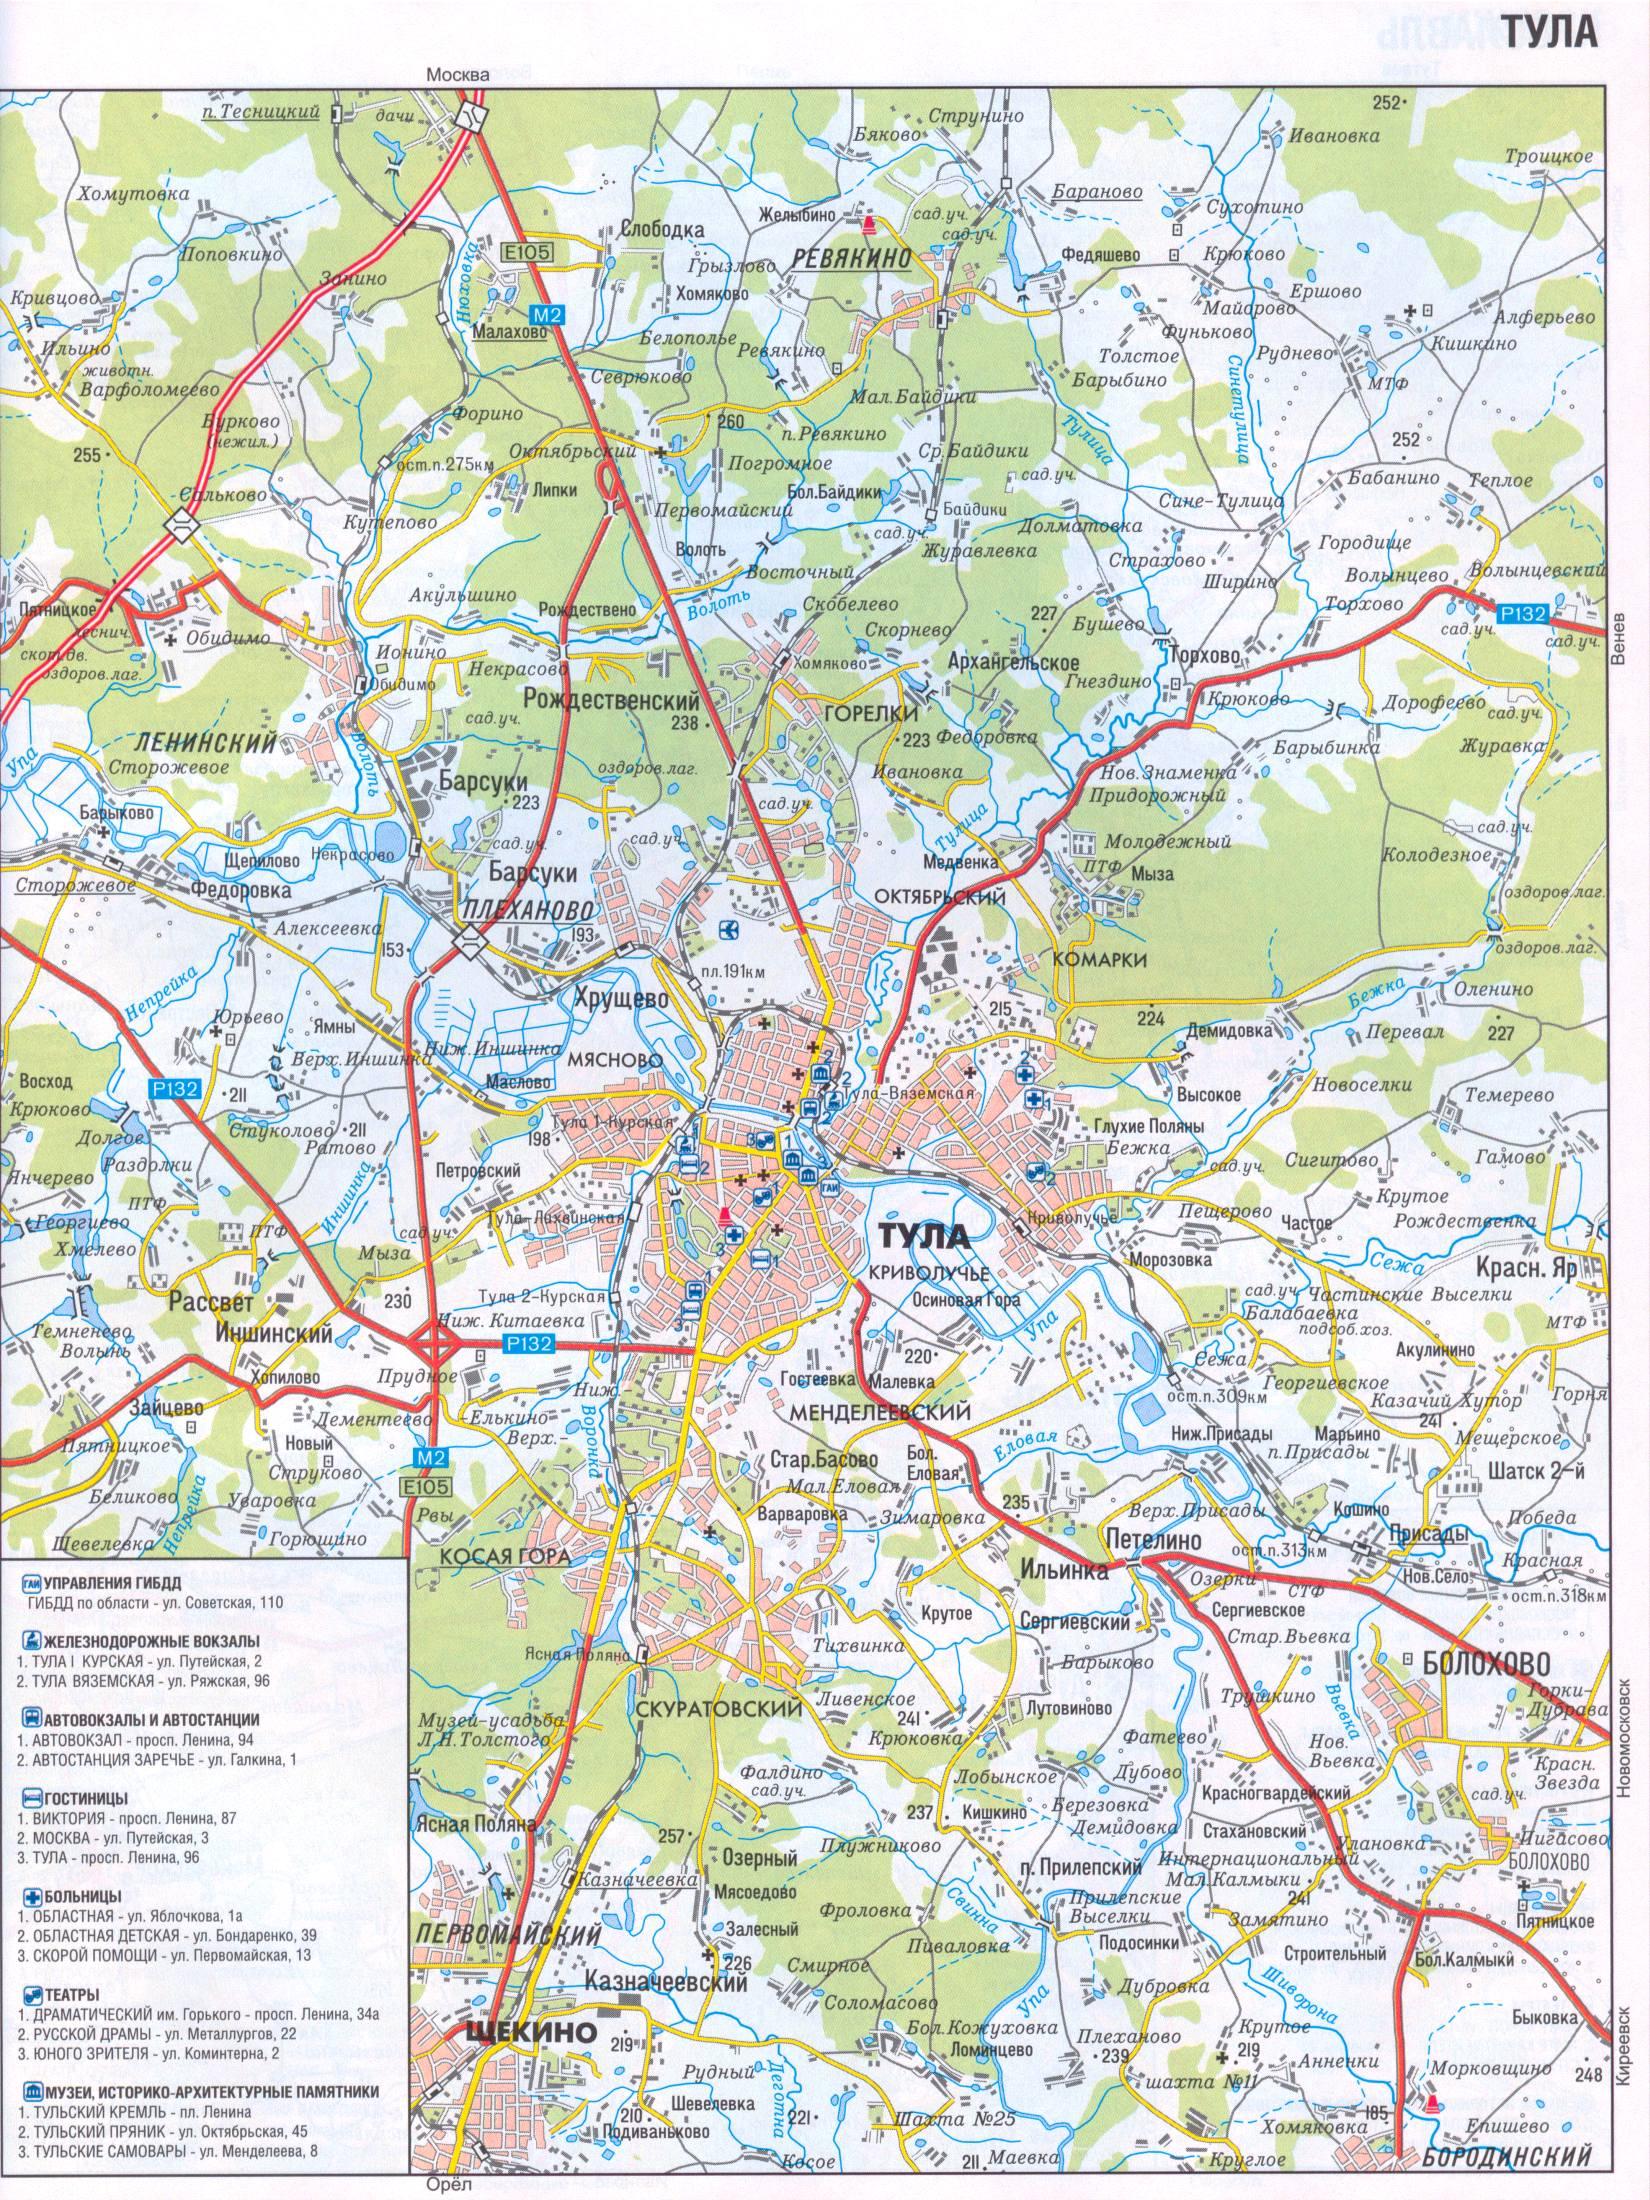 Карта схема города Тула с окрестностями.  Скачать карту бесплатно.